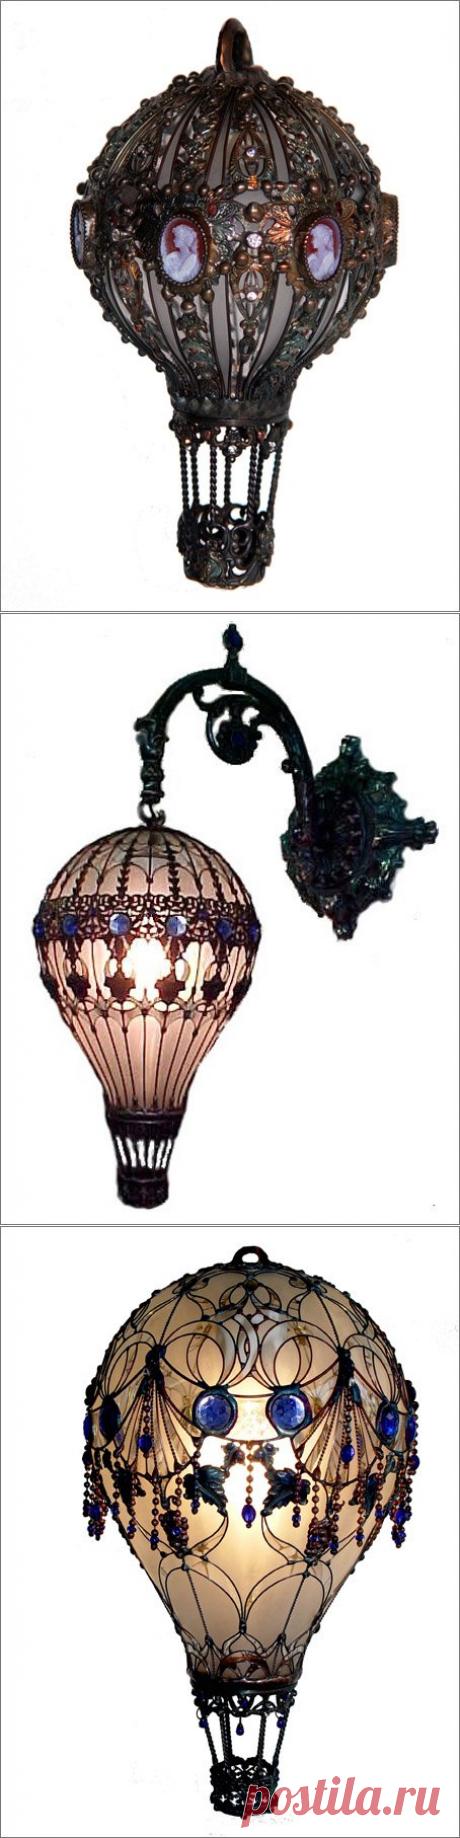 Воздушные шары от Michael Wiegand-что можно сделать из старых лампочек!!